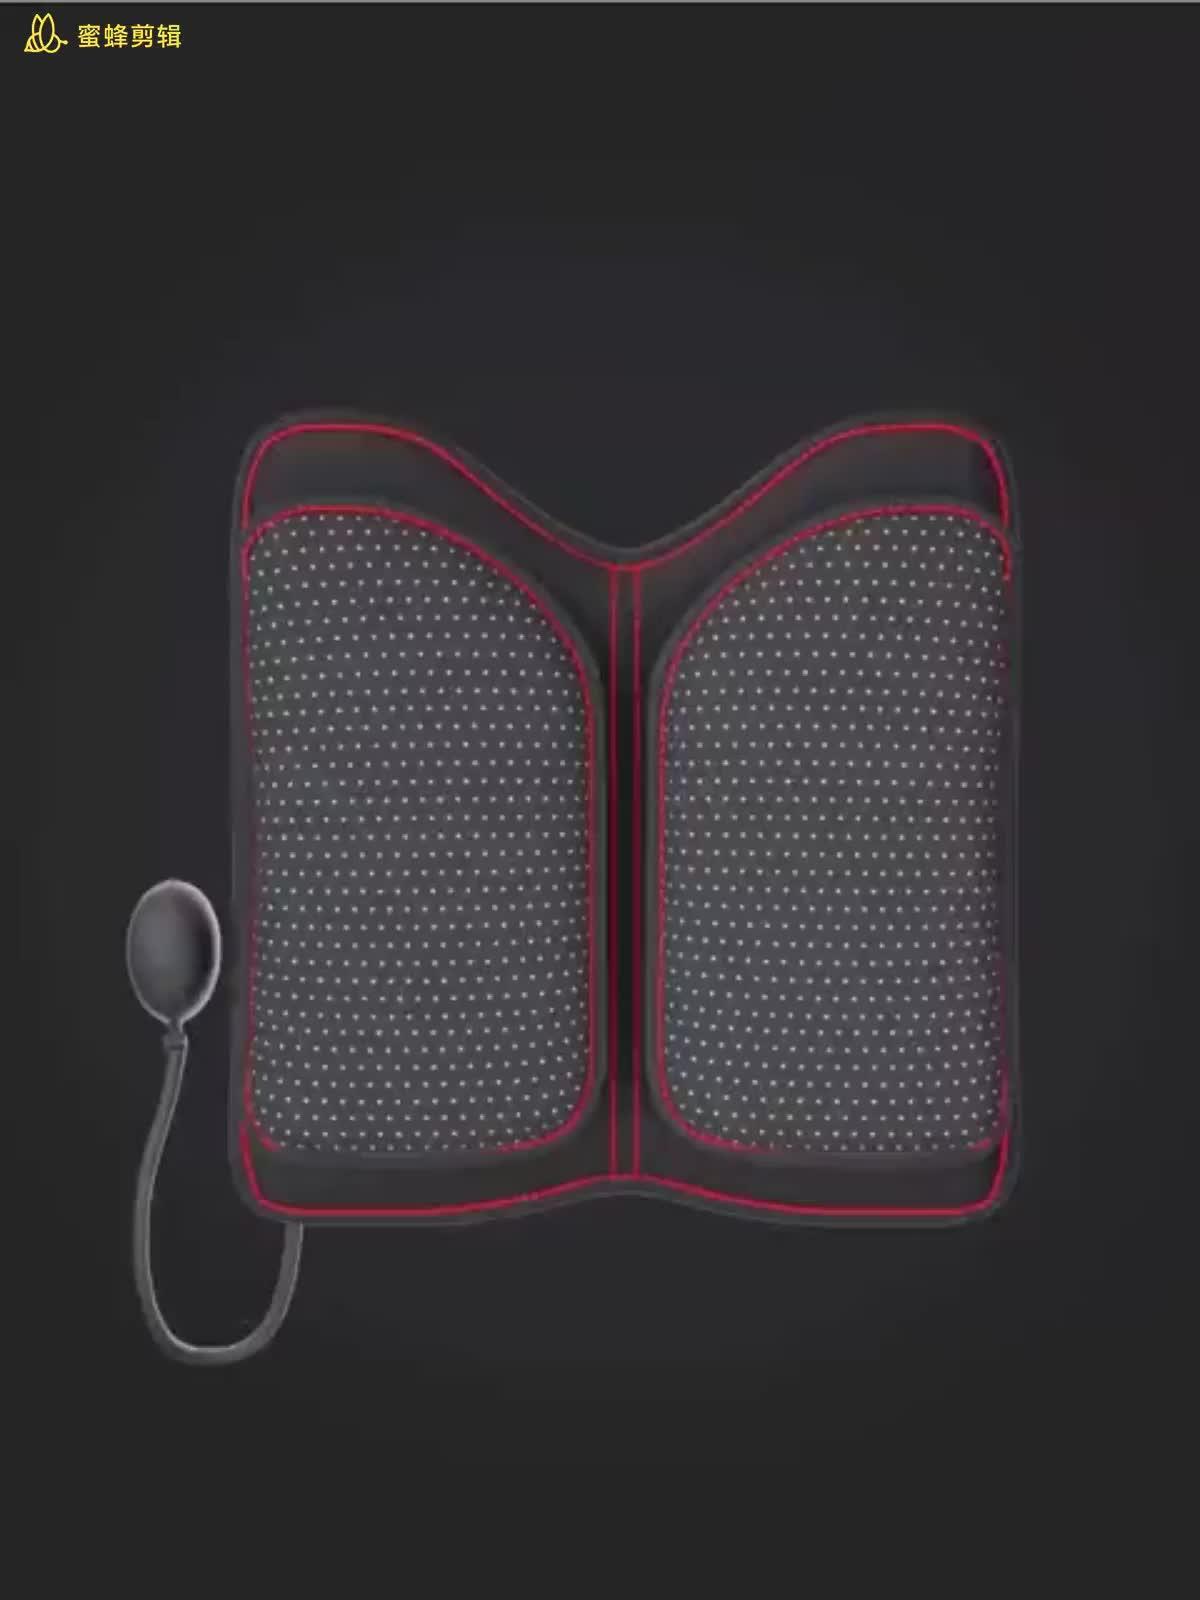 2020 toptan araba iç aksesuarları sırt desteği ofis koltuğu minderi arkalığı hava yastığı ile bel masaj yastığı yastık